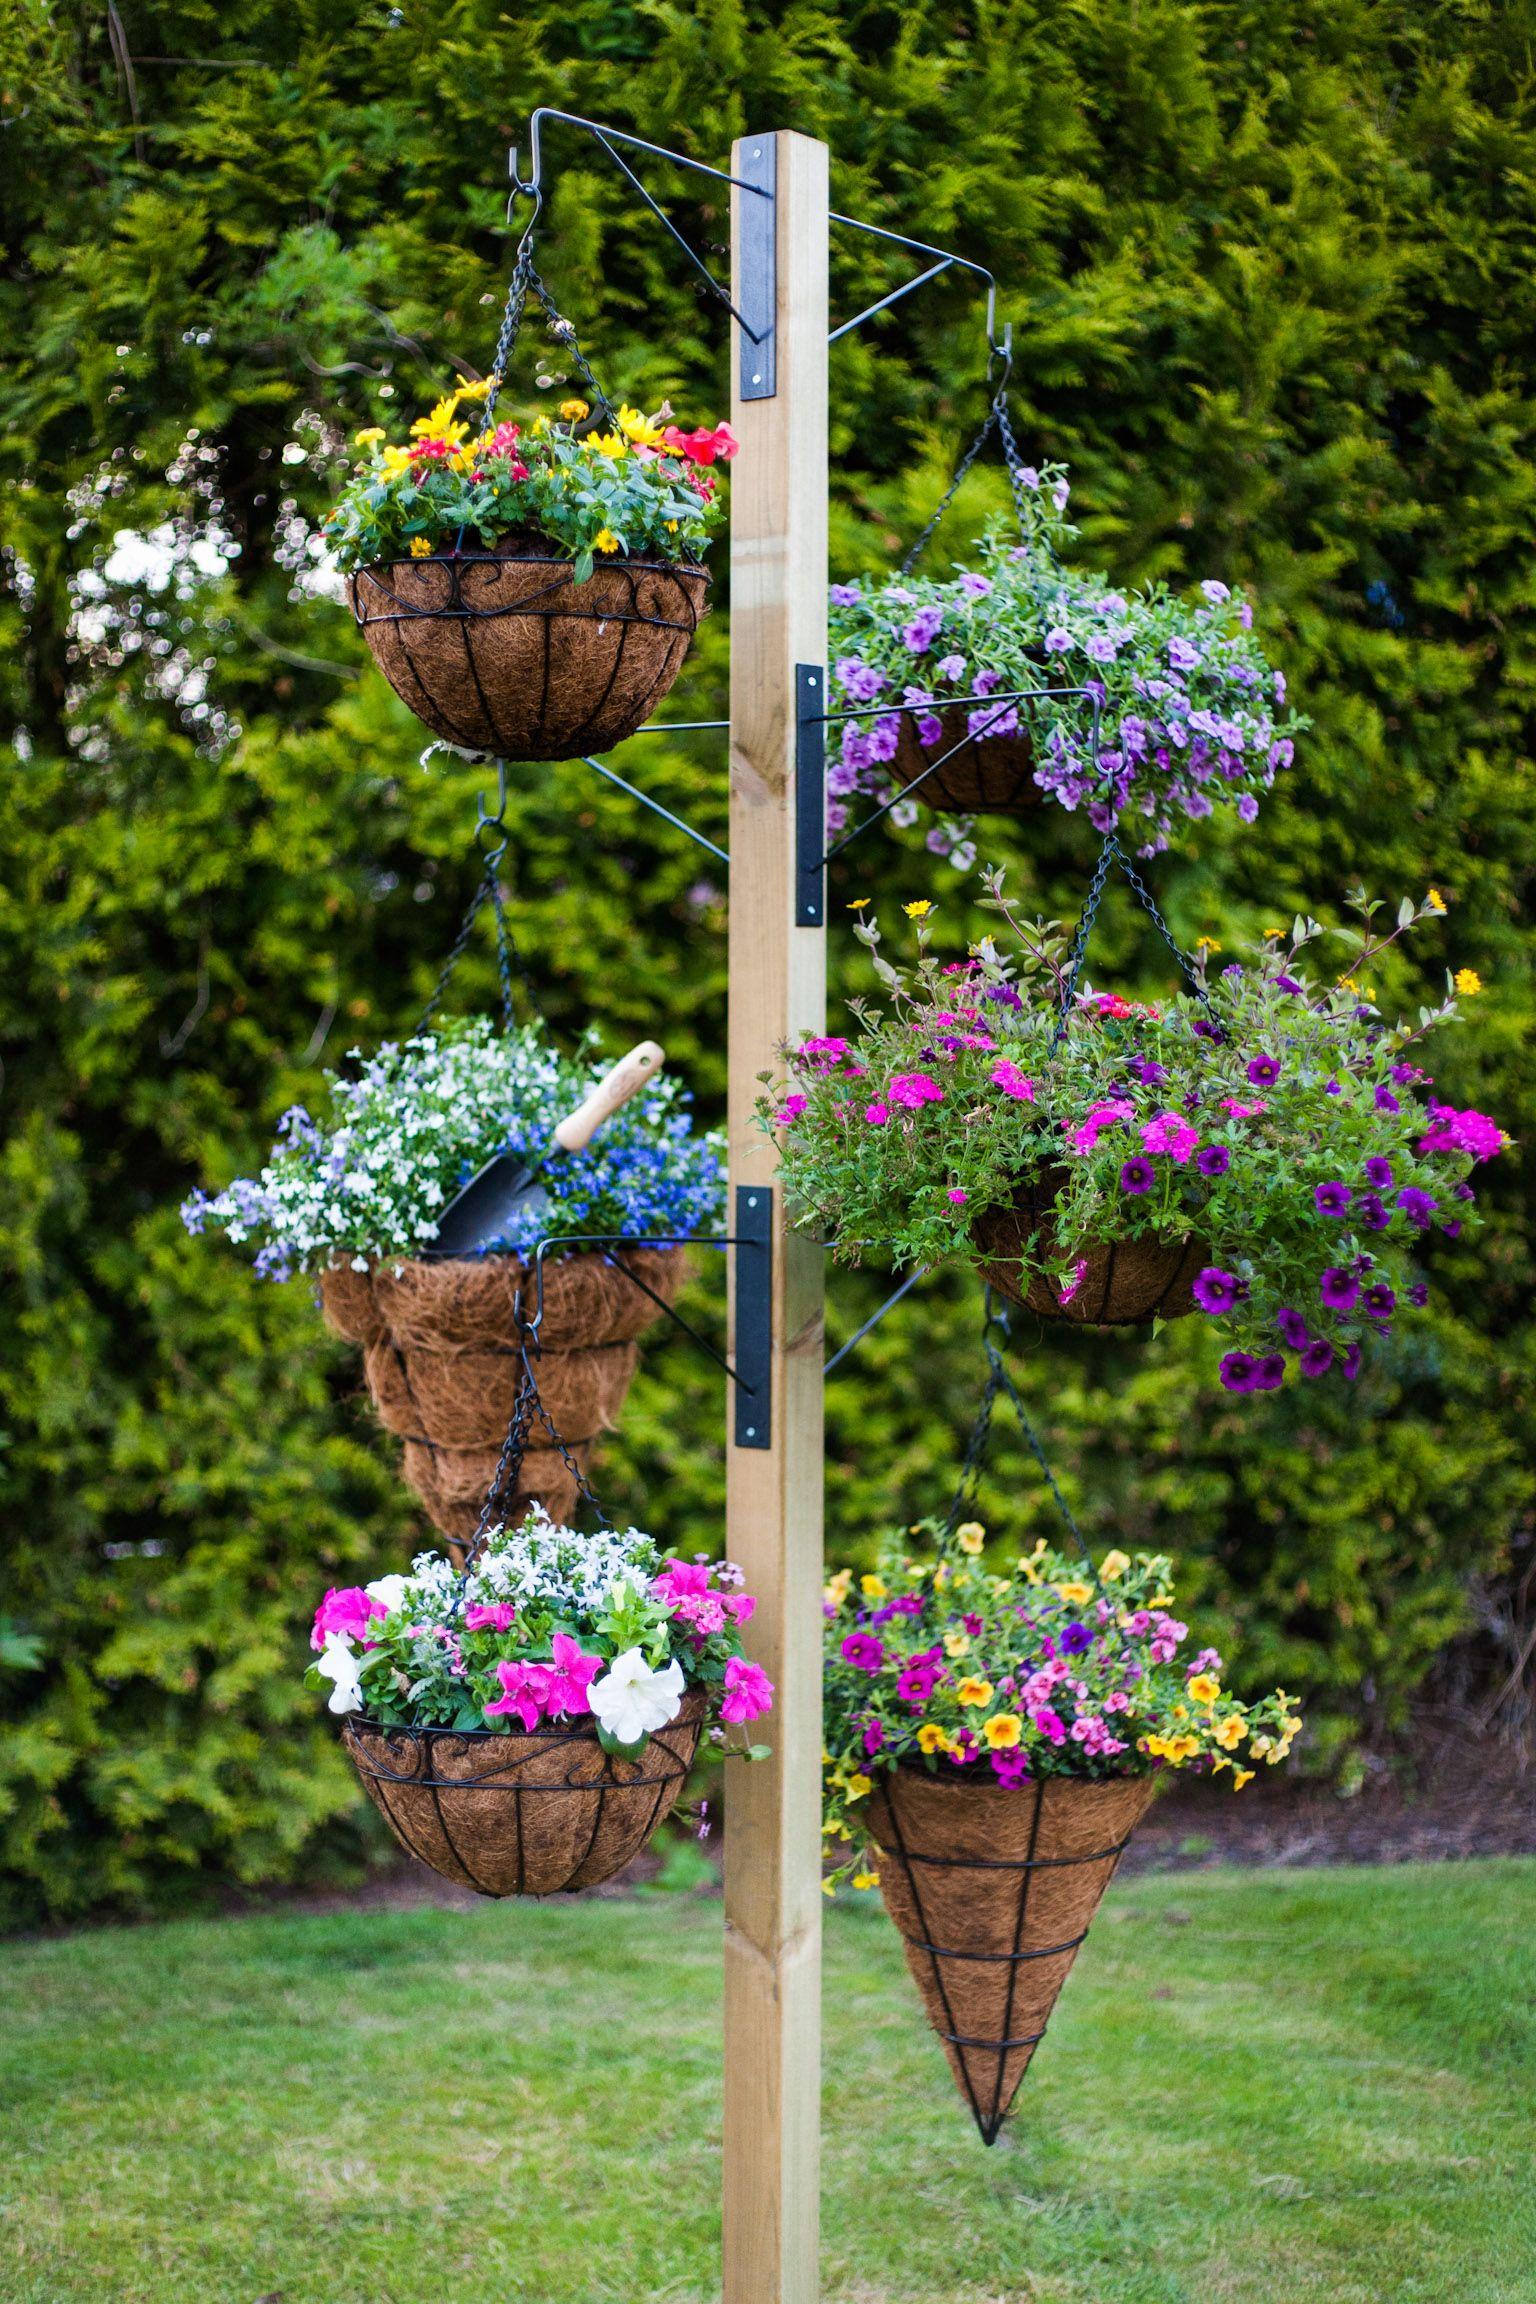 Free Standing Hanging Basket Stand My Garden Hanging Basket